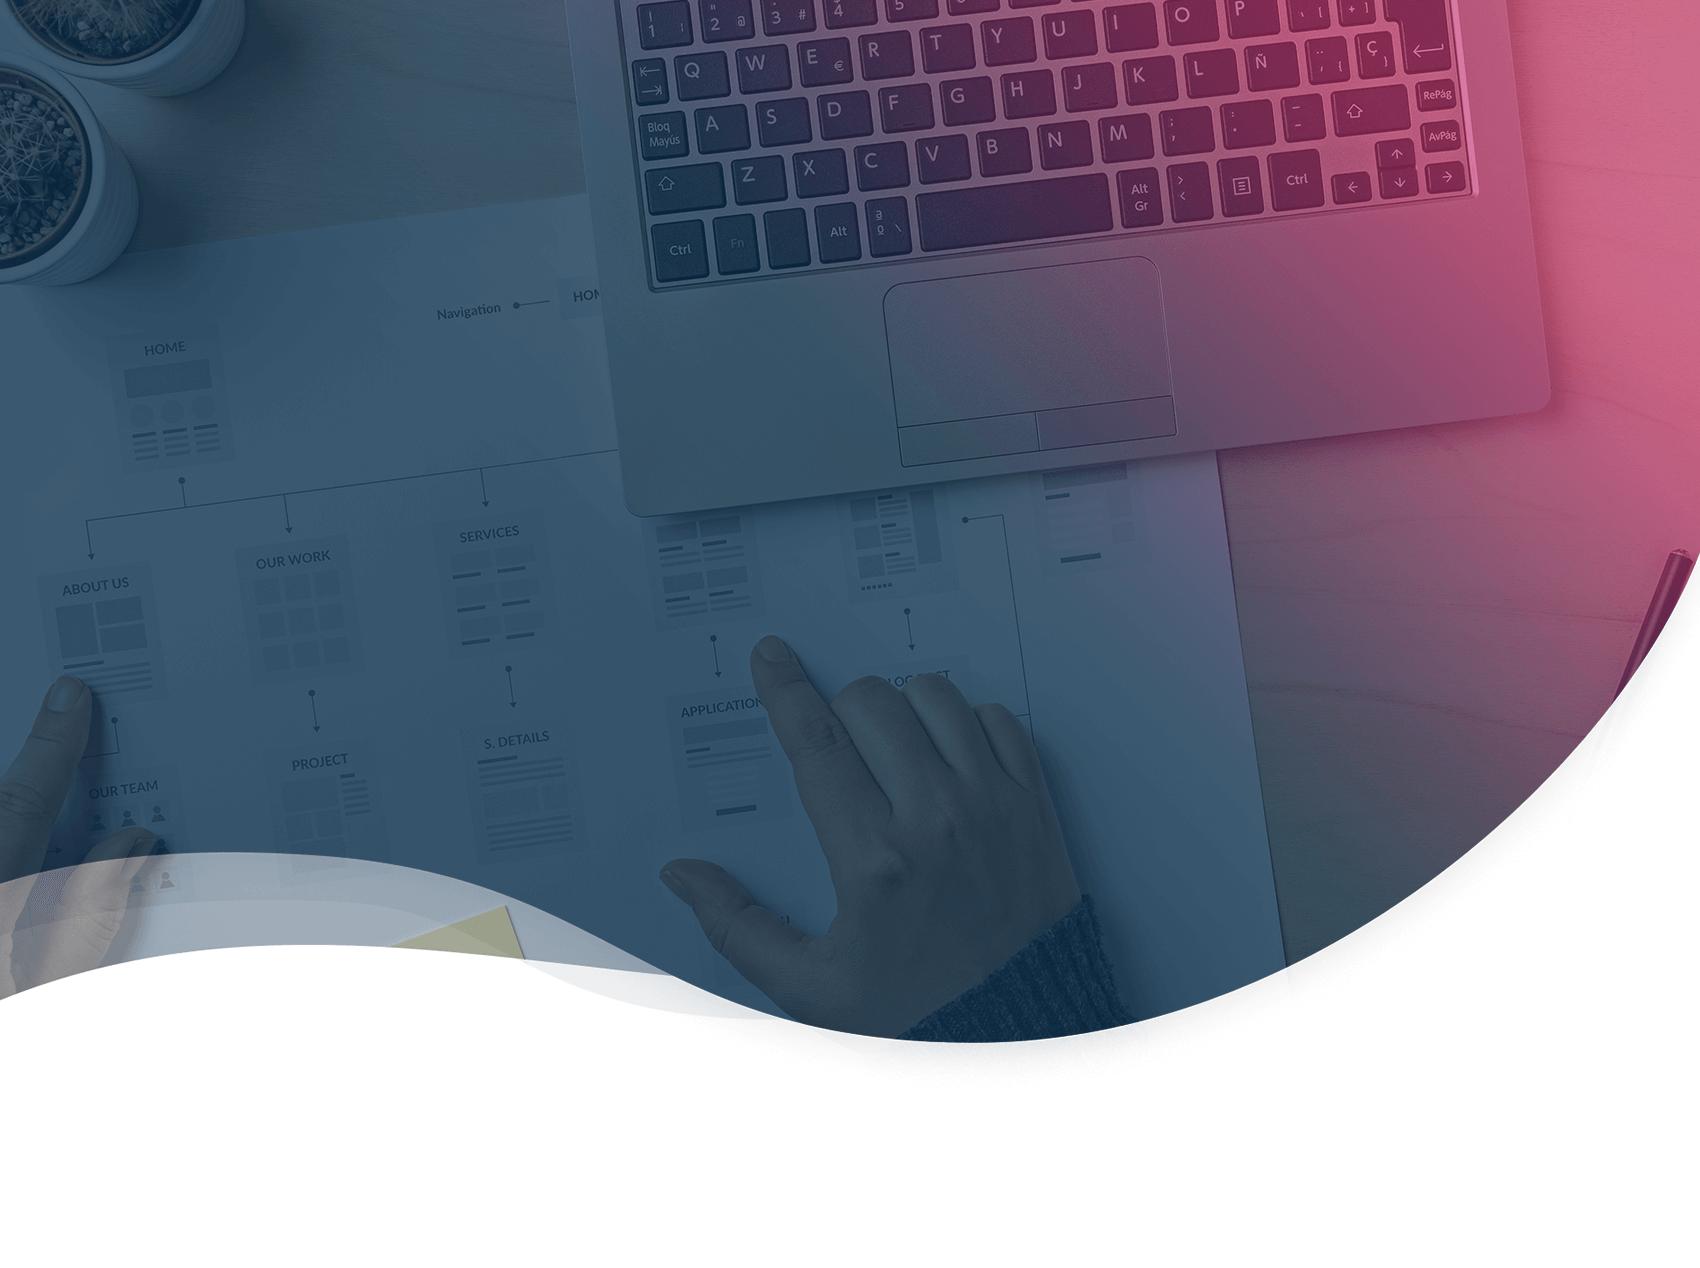 Les 10 règles d'or pour optimiser l'ergonomie de votre site web